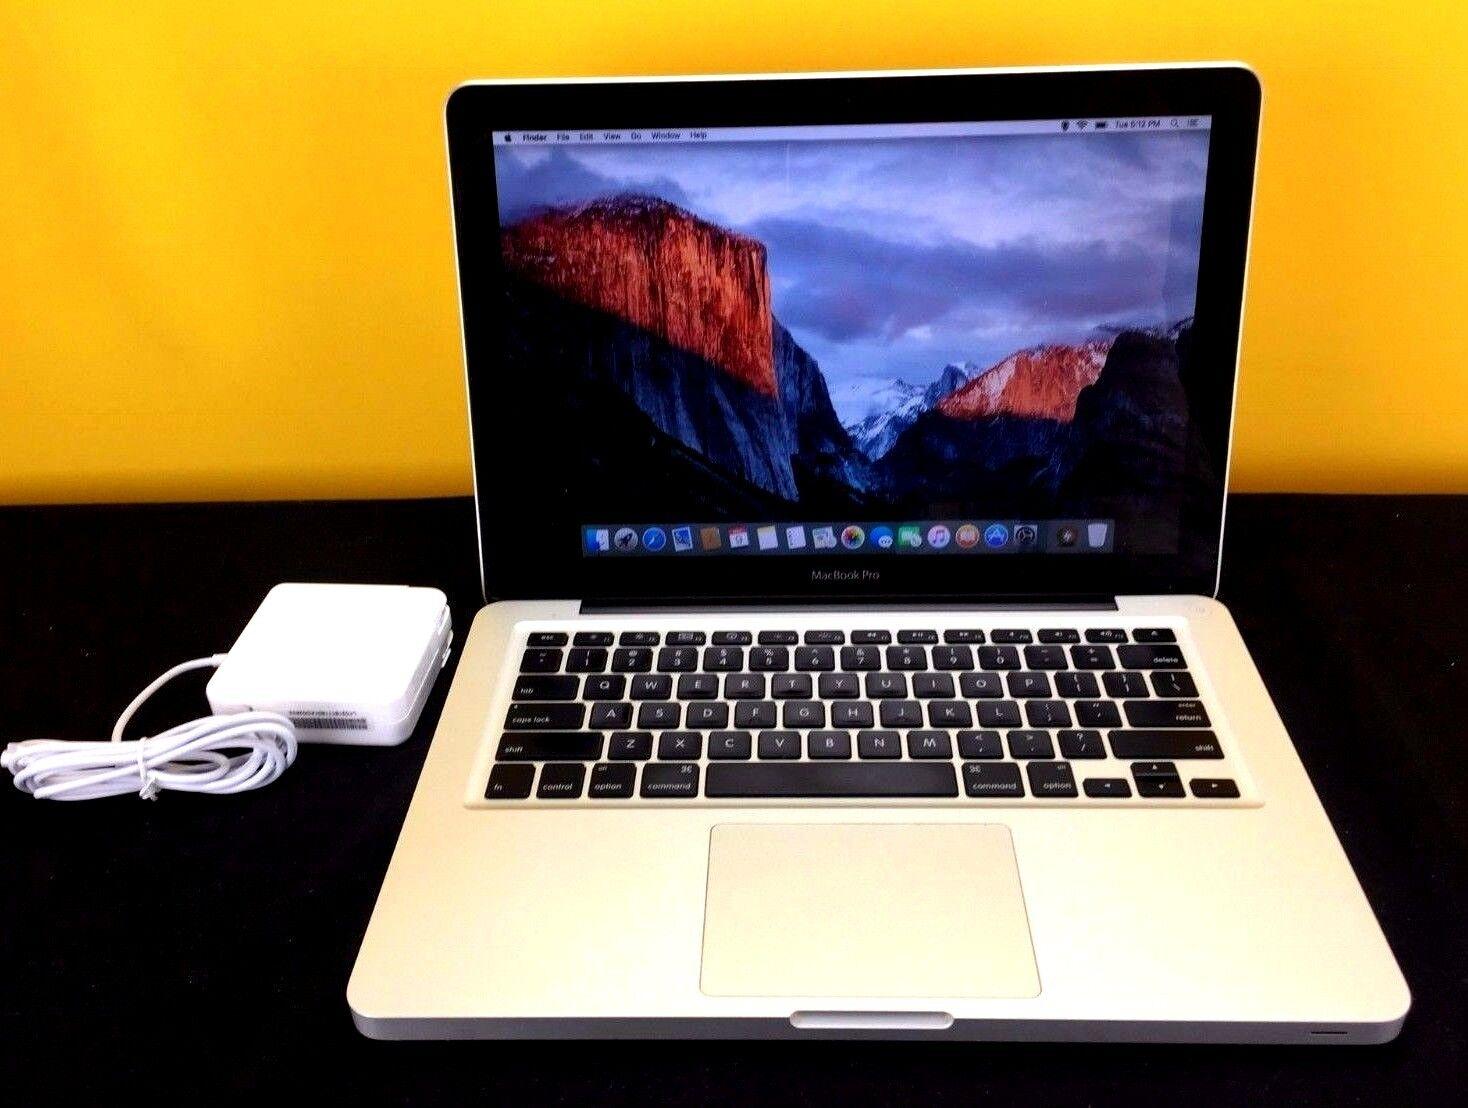 """Macbook Pro - 13"""" Apple MacBook Pro 1TB SSD Hybrid 8GB OSx-2015 Re-Certified - 1 YEAR WARRANTY"""